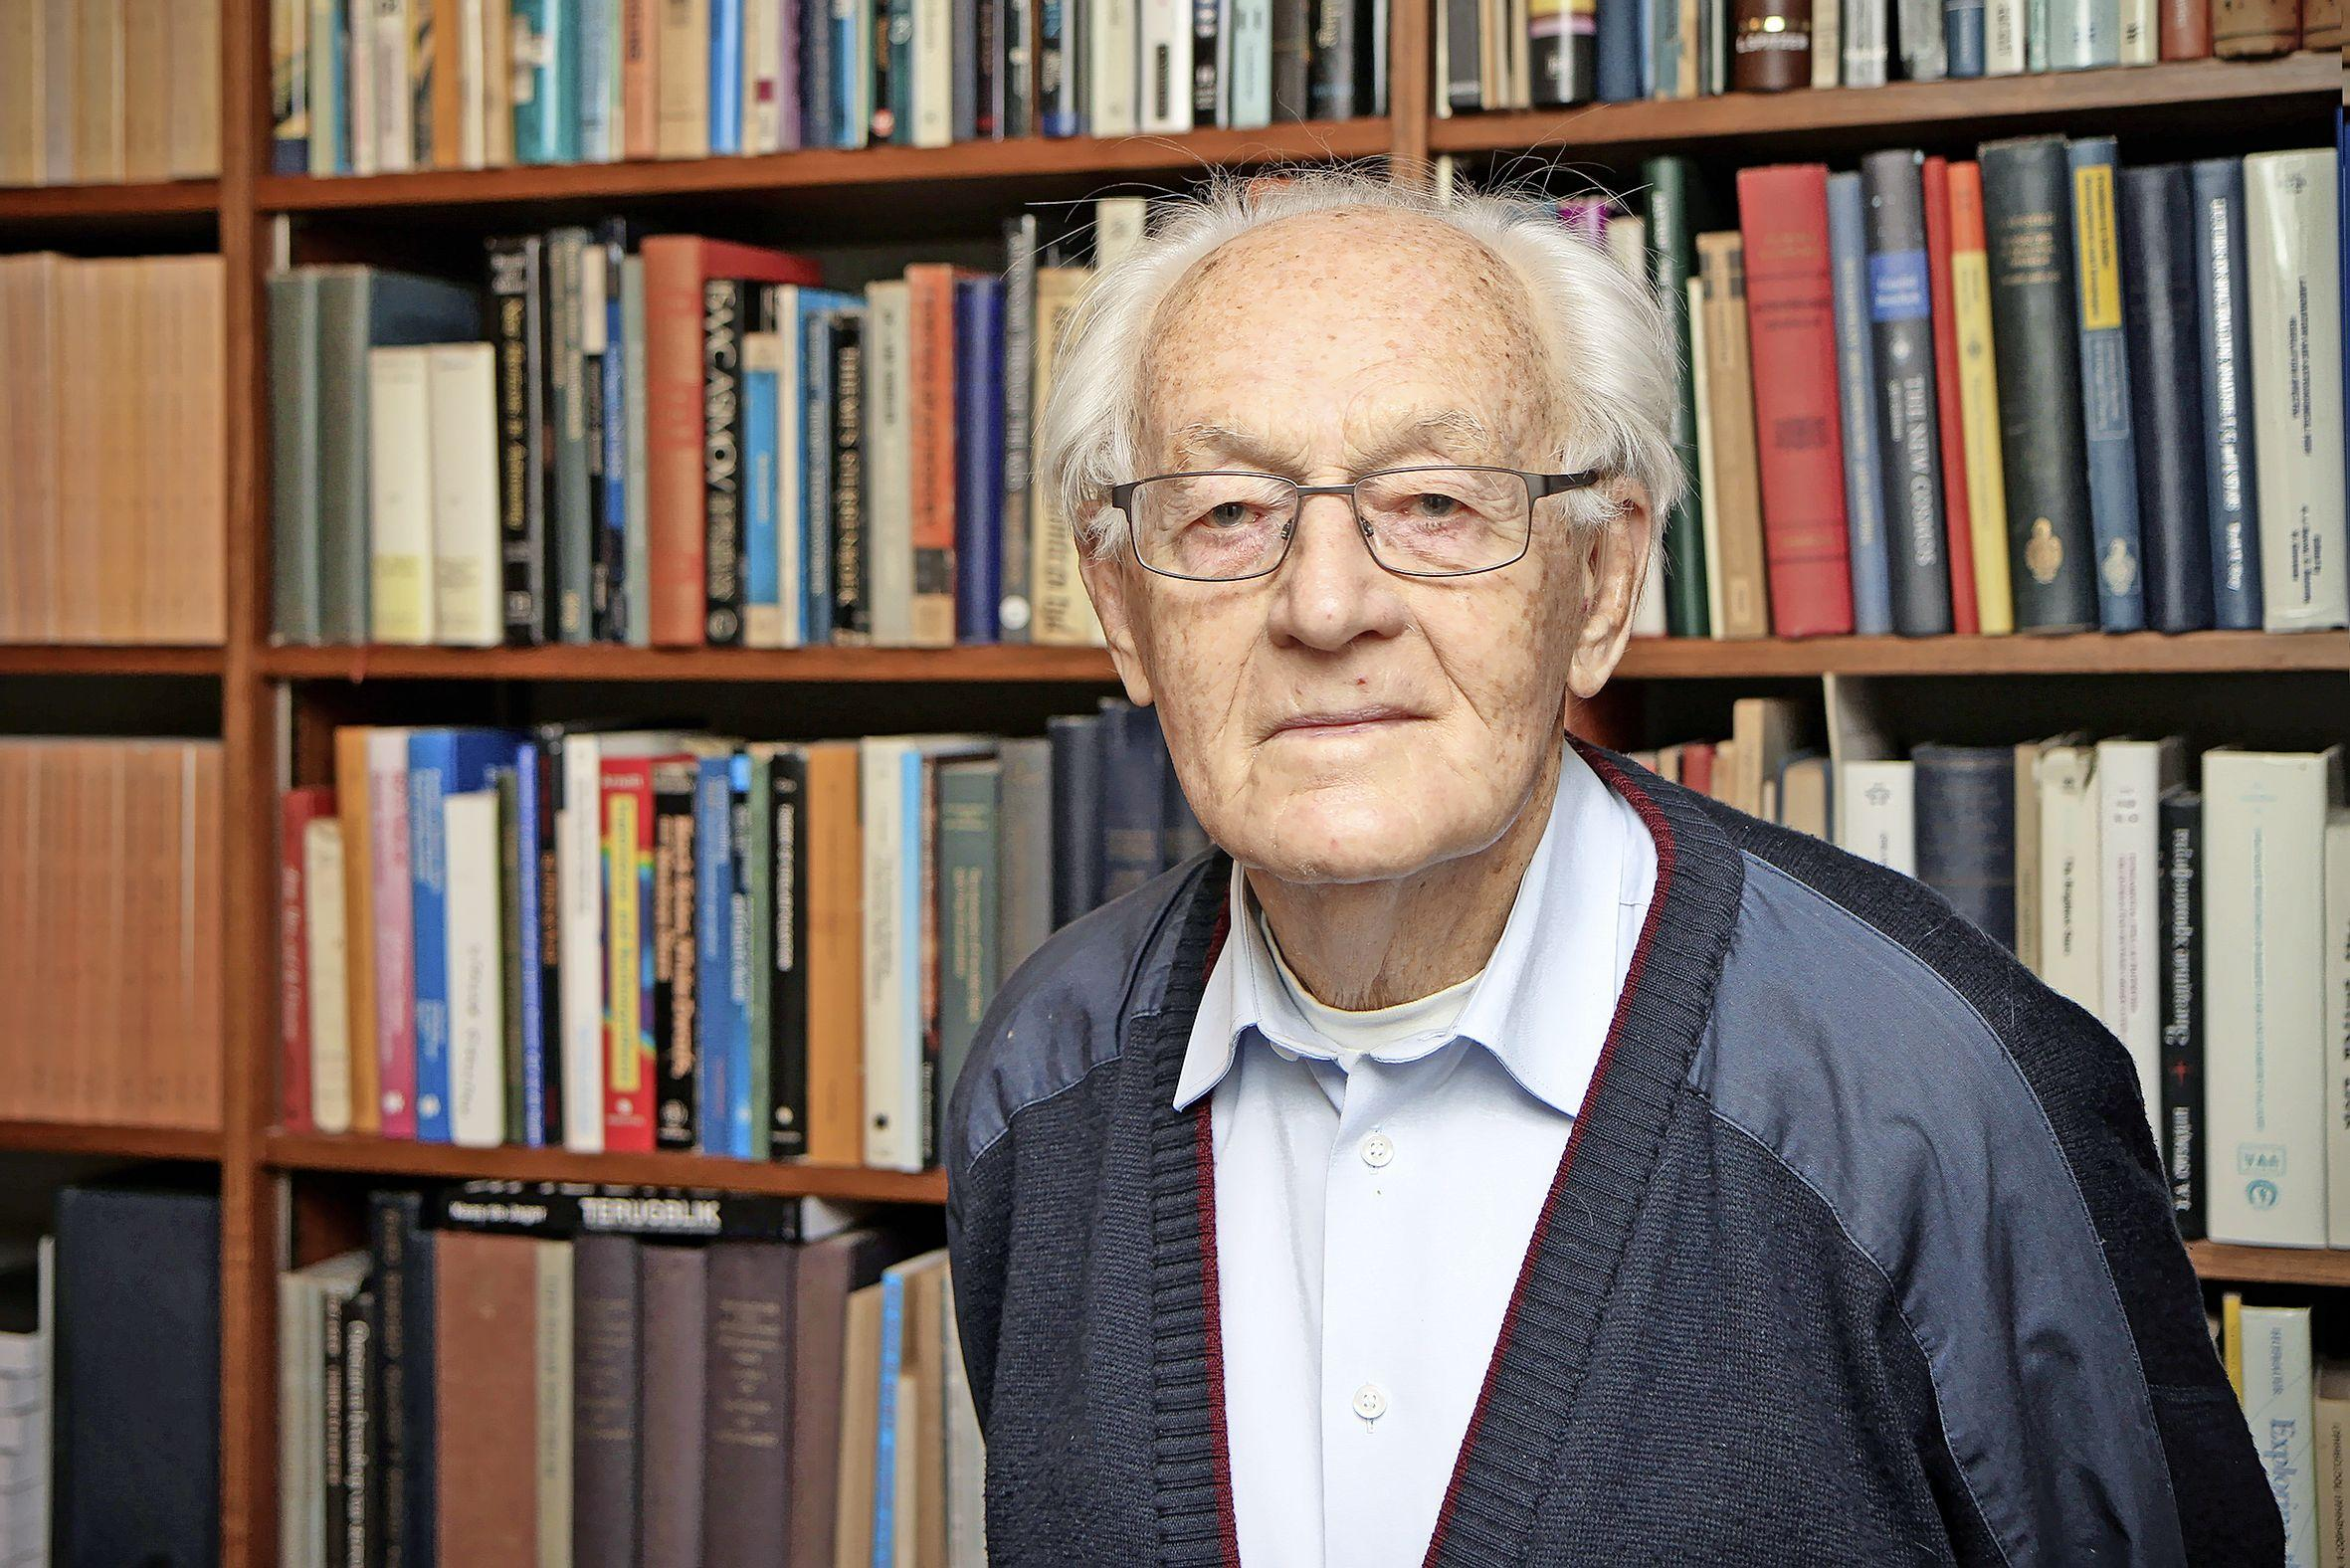 Op honderdjarige leeftijd overleden: professor Kees de Jager. Eminent sterrenkundige en zo beminnelijk dat hij Russische en Amerikaanse onderzoekers bijeen wist te brengen